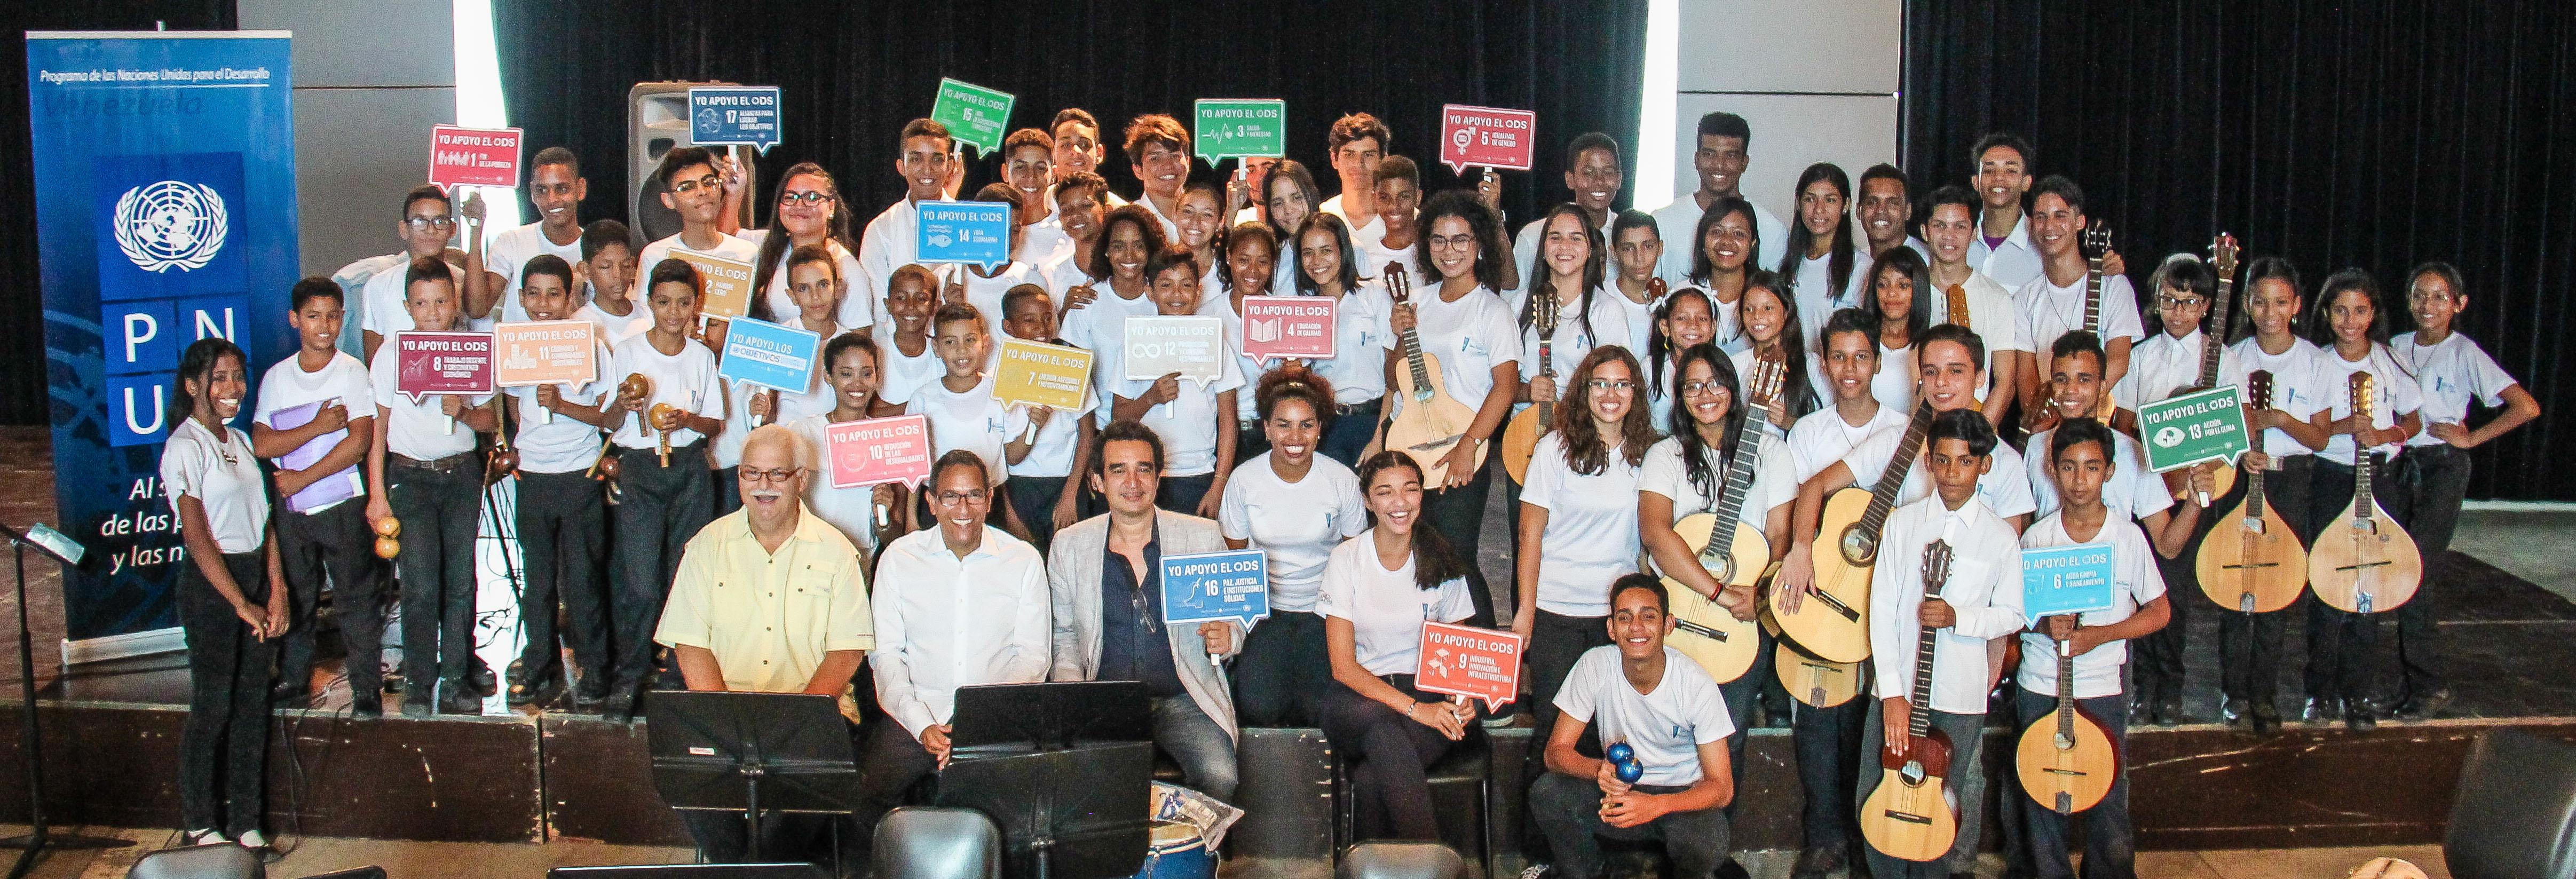 Guatire Acogió La Celebración Del Día Mundial De La Diversidad Cultural Para El Diálogo Y El Desarrollo